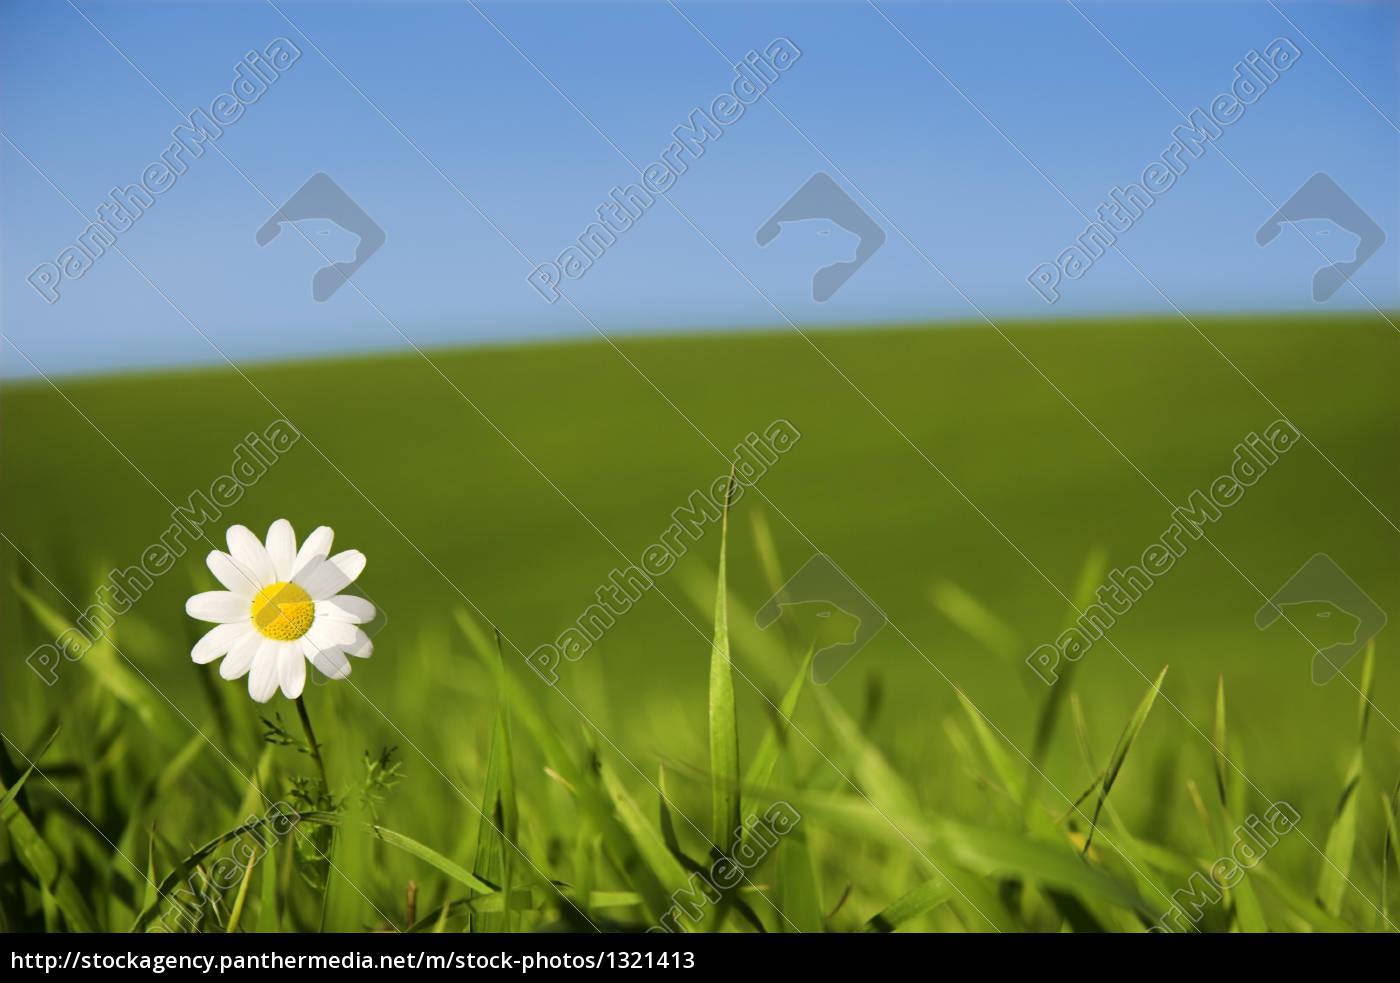 white, daisy - 1321413